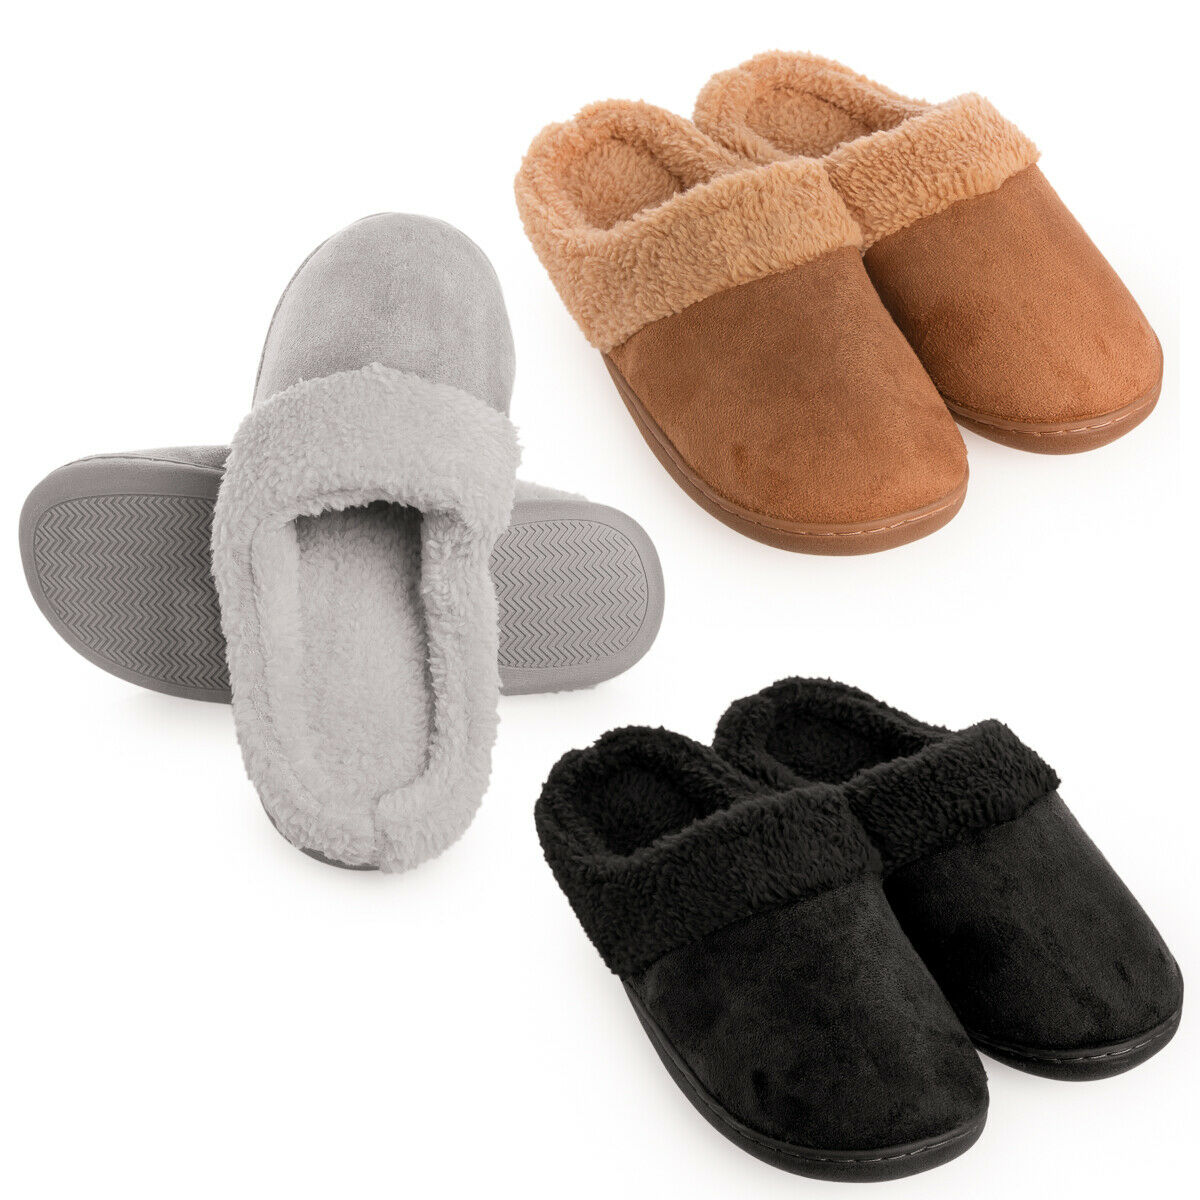 توسيع اعتاد مثلي الجنس Bedroom Slippers With Fur Loudounhorseassociation Org